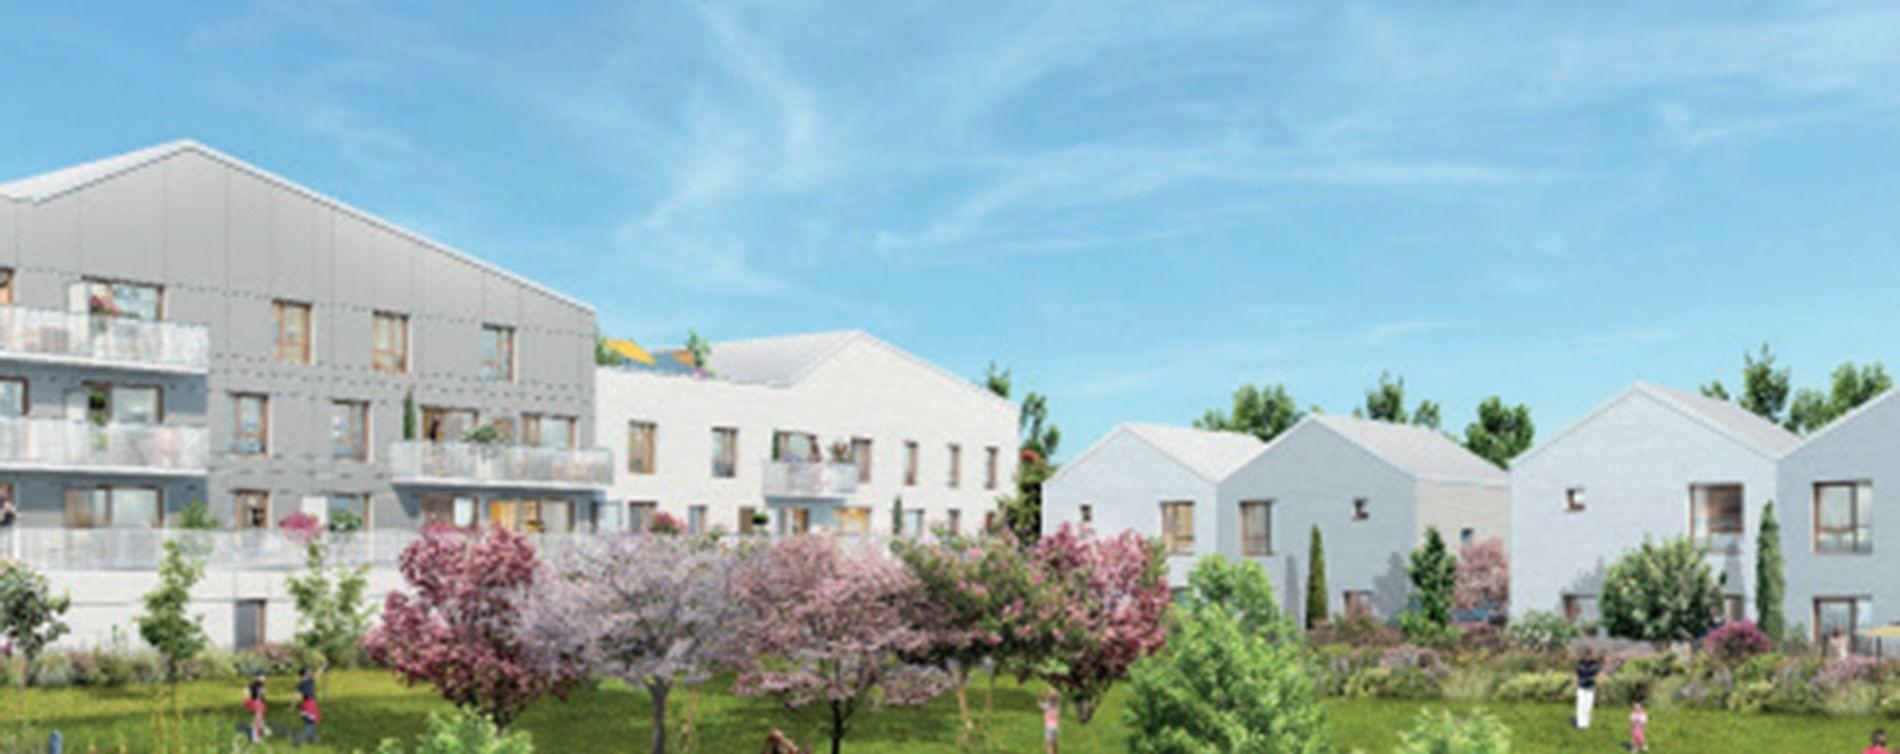 Bussy-Saint-Georges : programme immobilier neuve « Le Clos Guibert » (2)